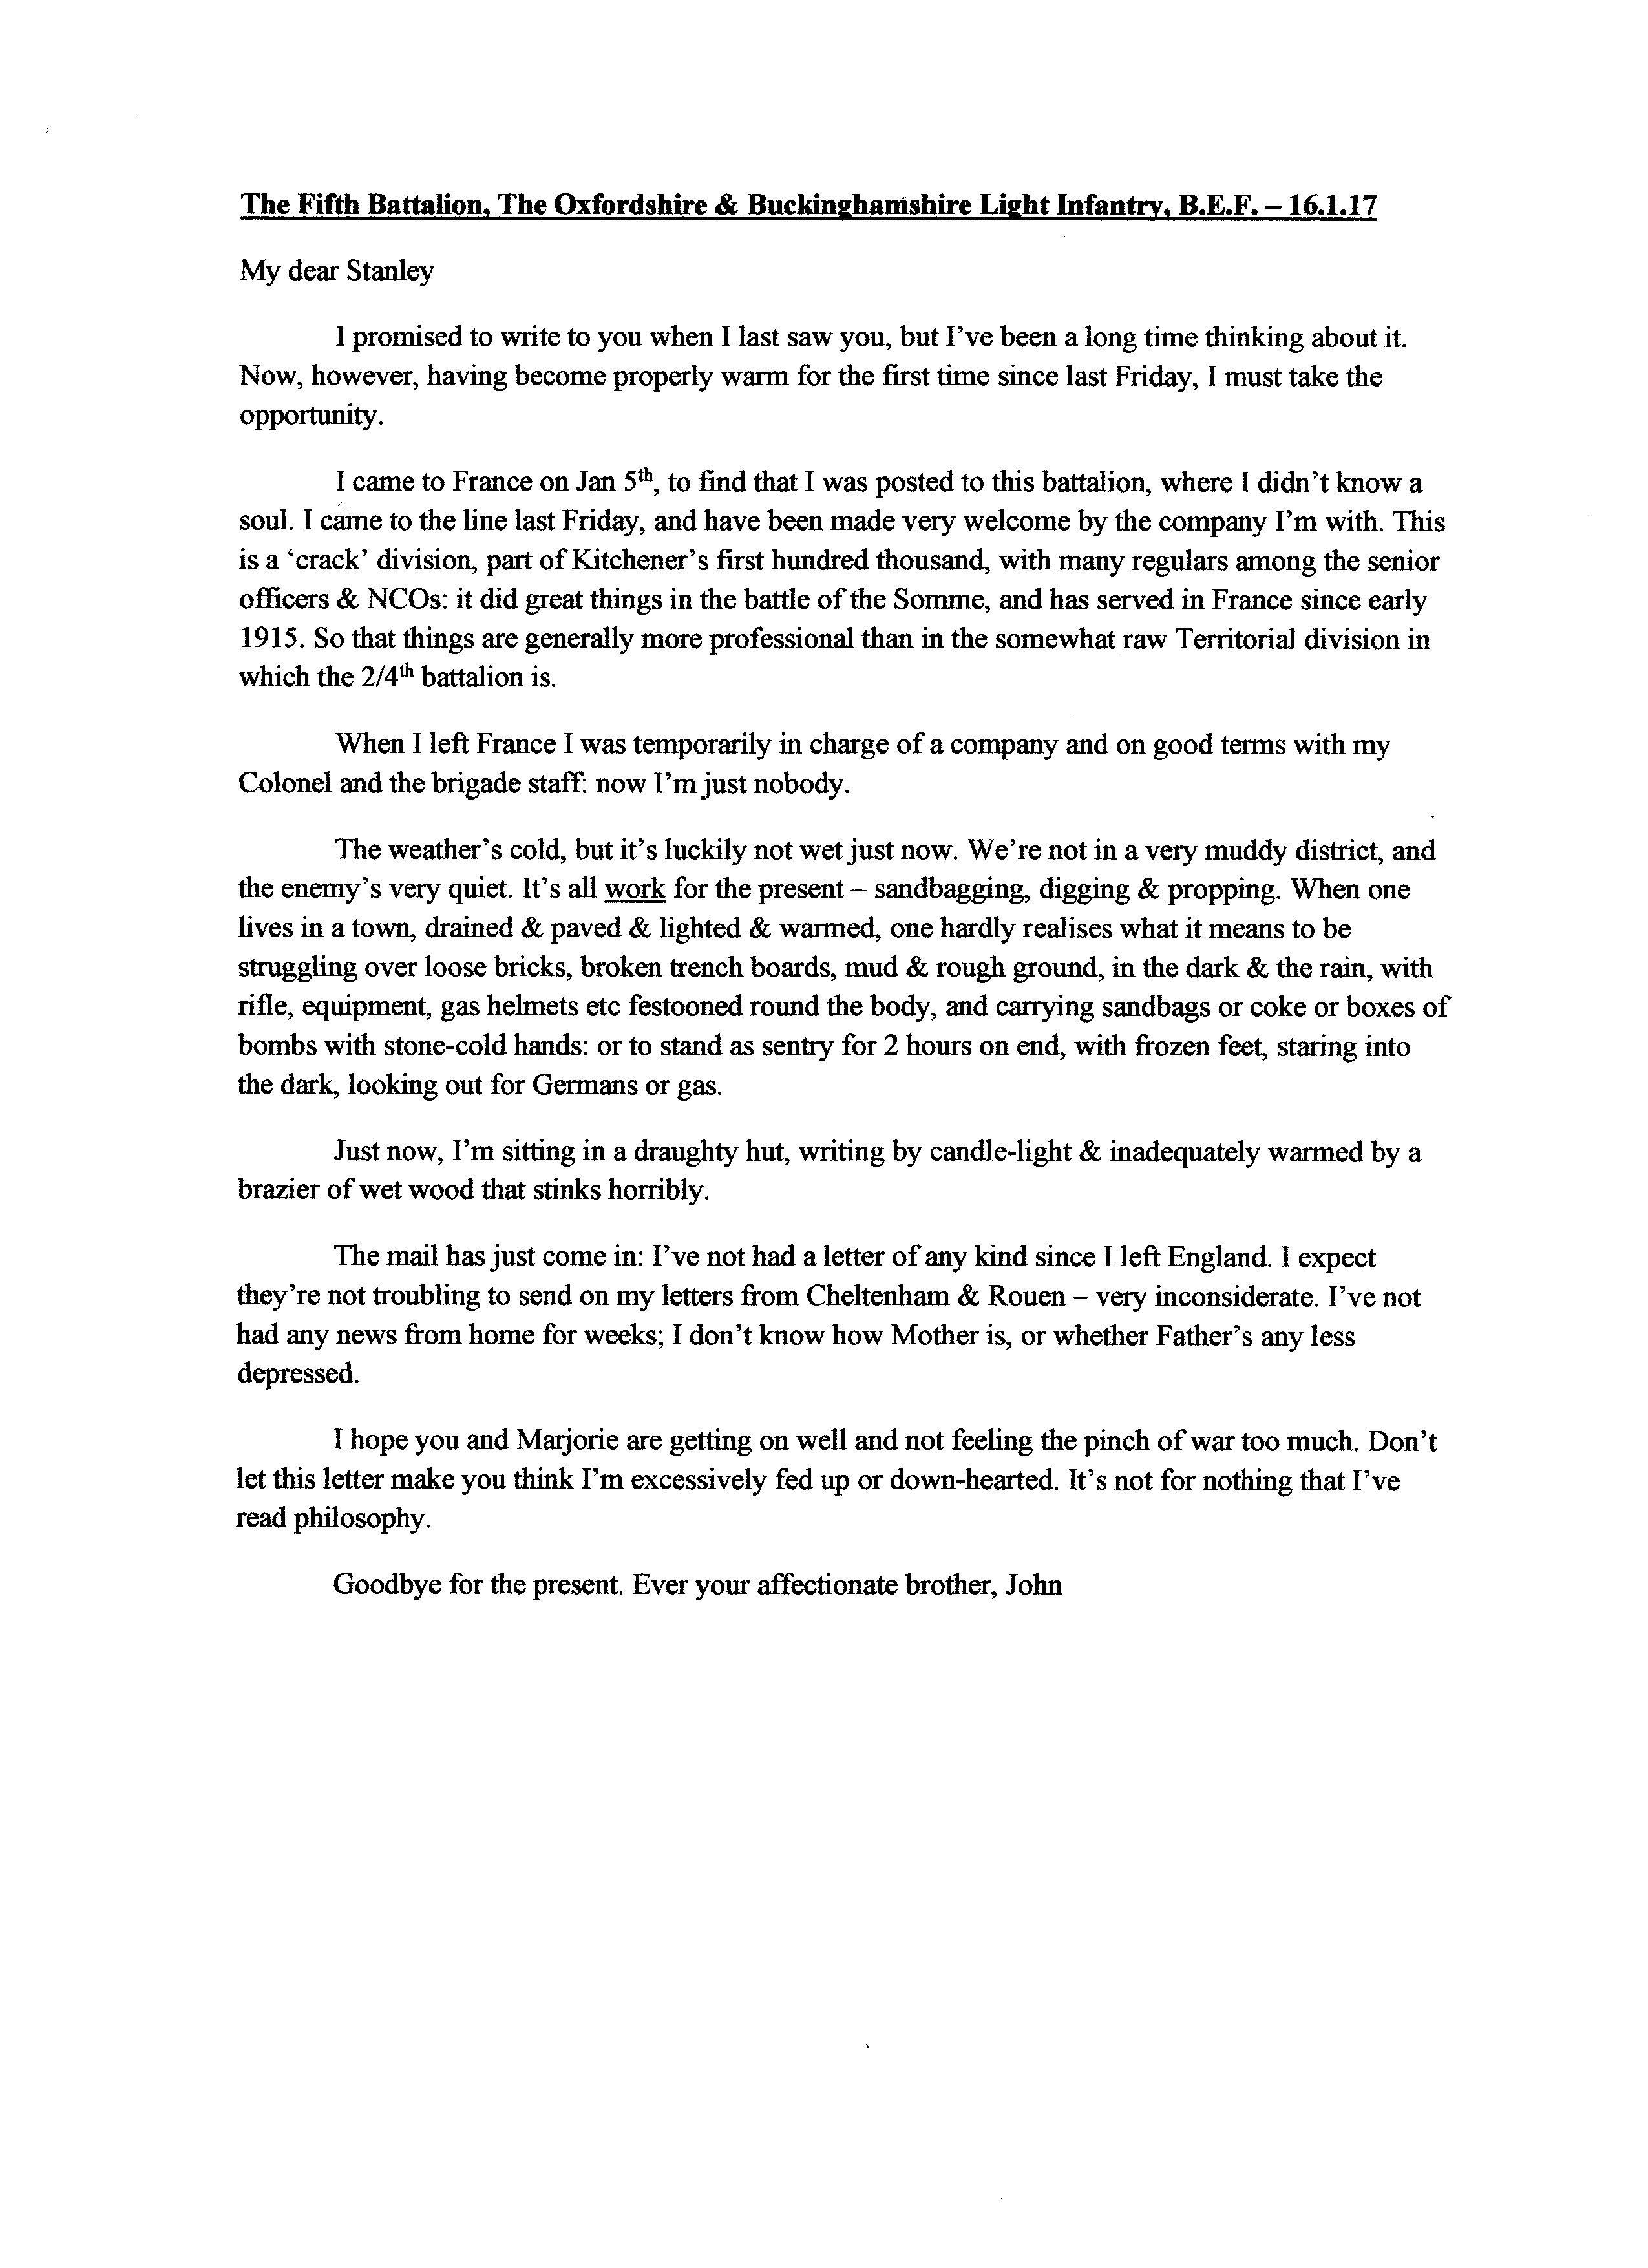 Letter from John Legge Bulmer 16th Jan 1917 | John Legge Bulmer ...